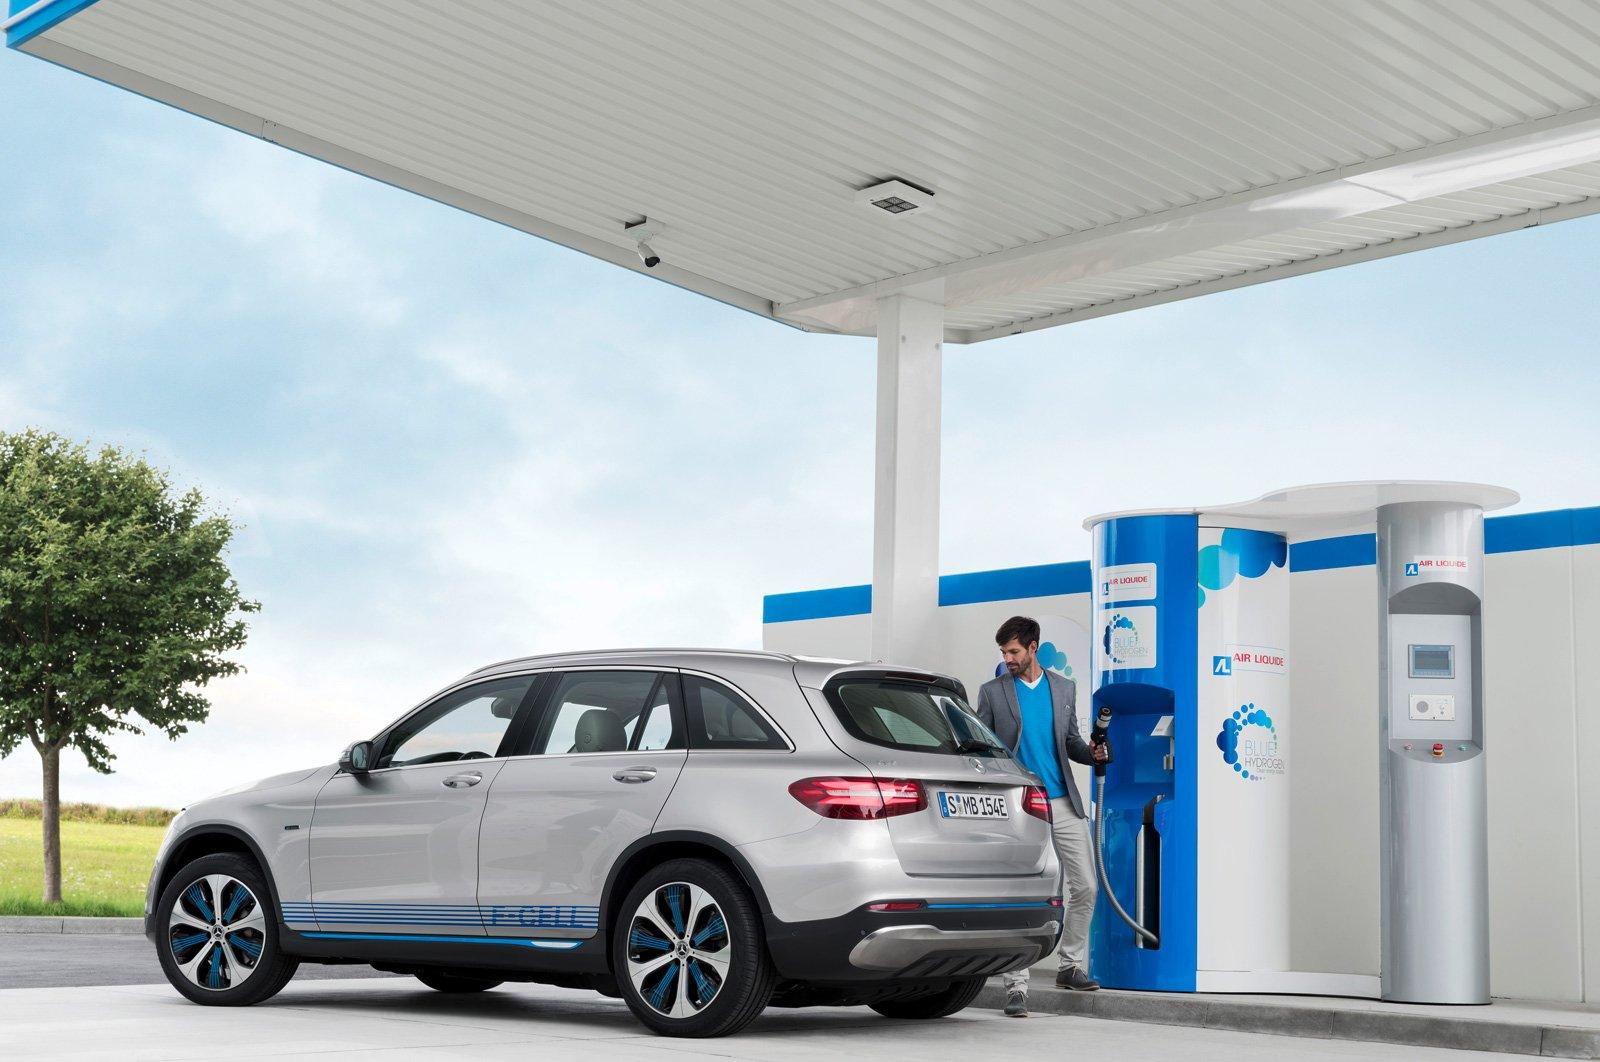 Daimler har, tillsammans med H2 Mobility joint venture, skapat en handlingsplan för att påskynda utvecklingen och utbyggnaden av laddstationer och tankstationer för väte.